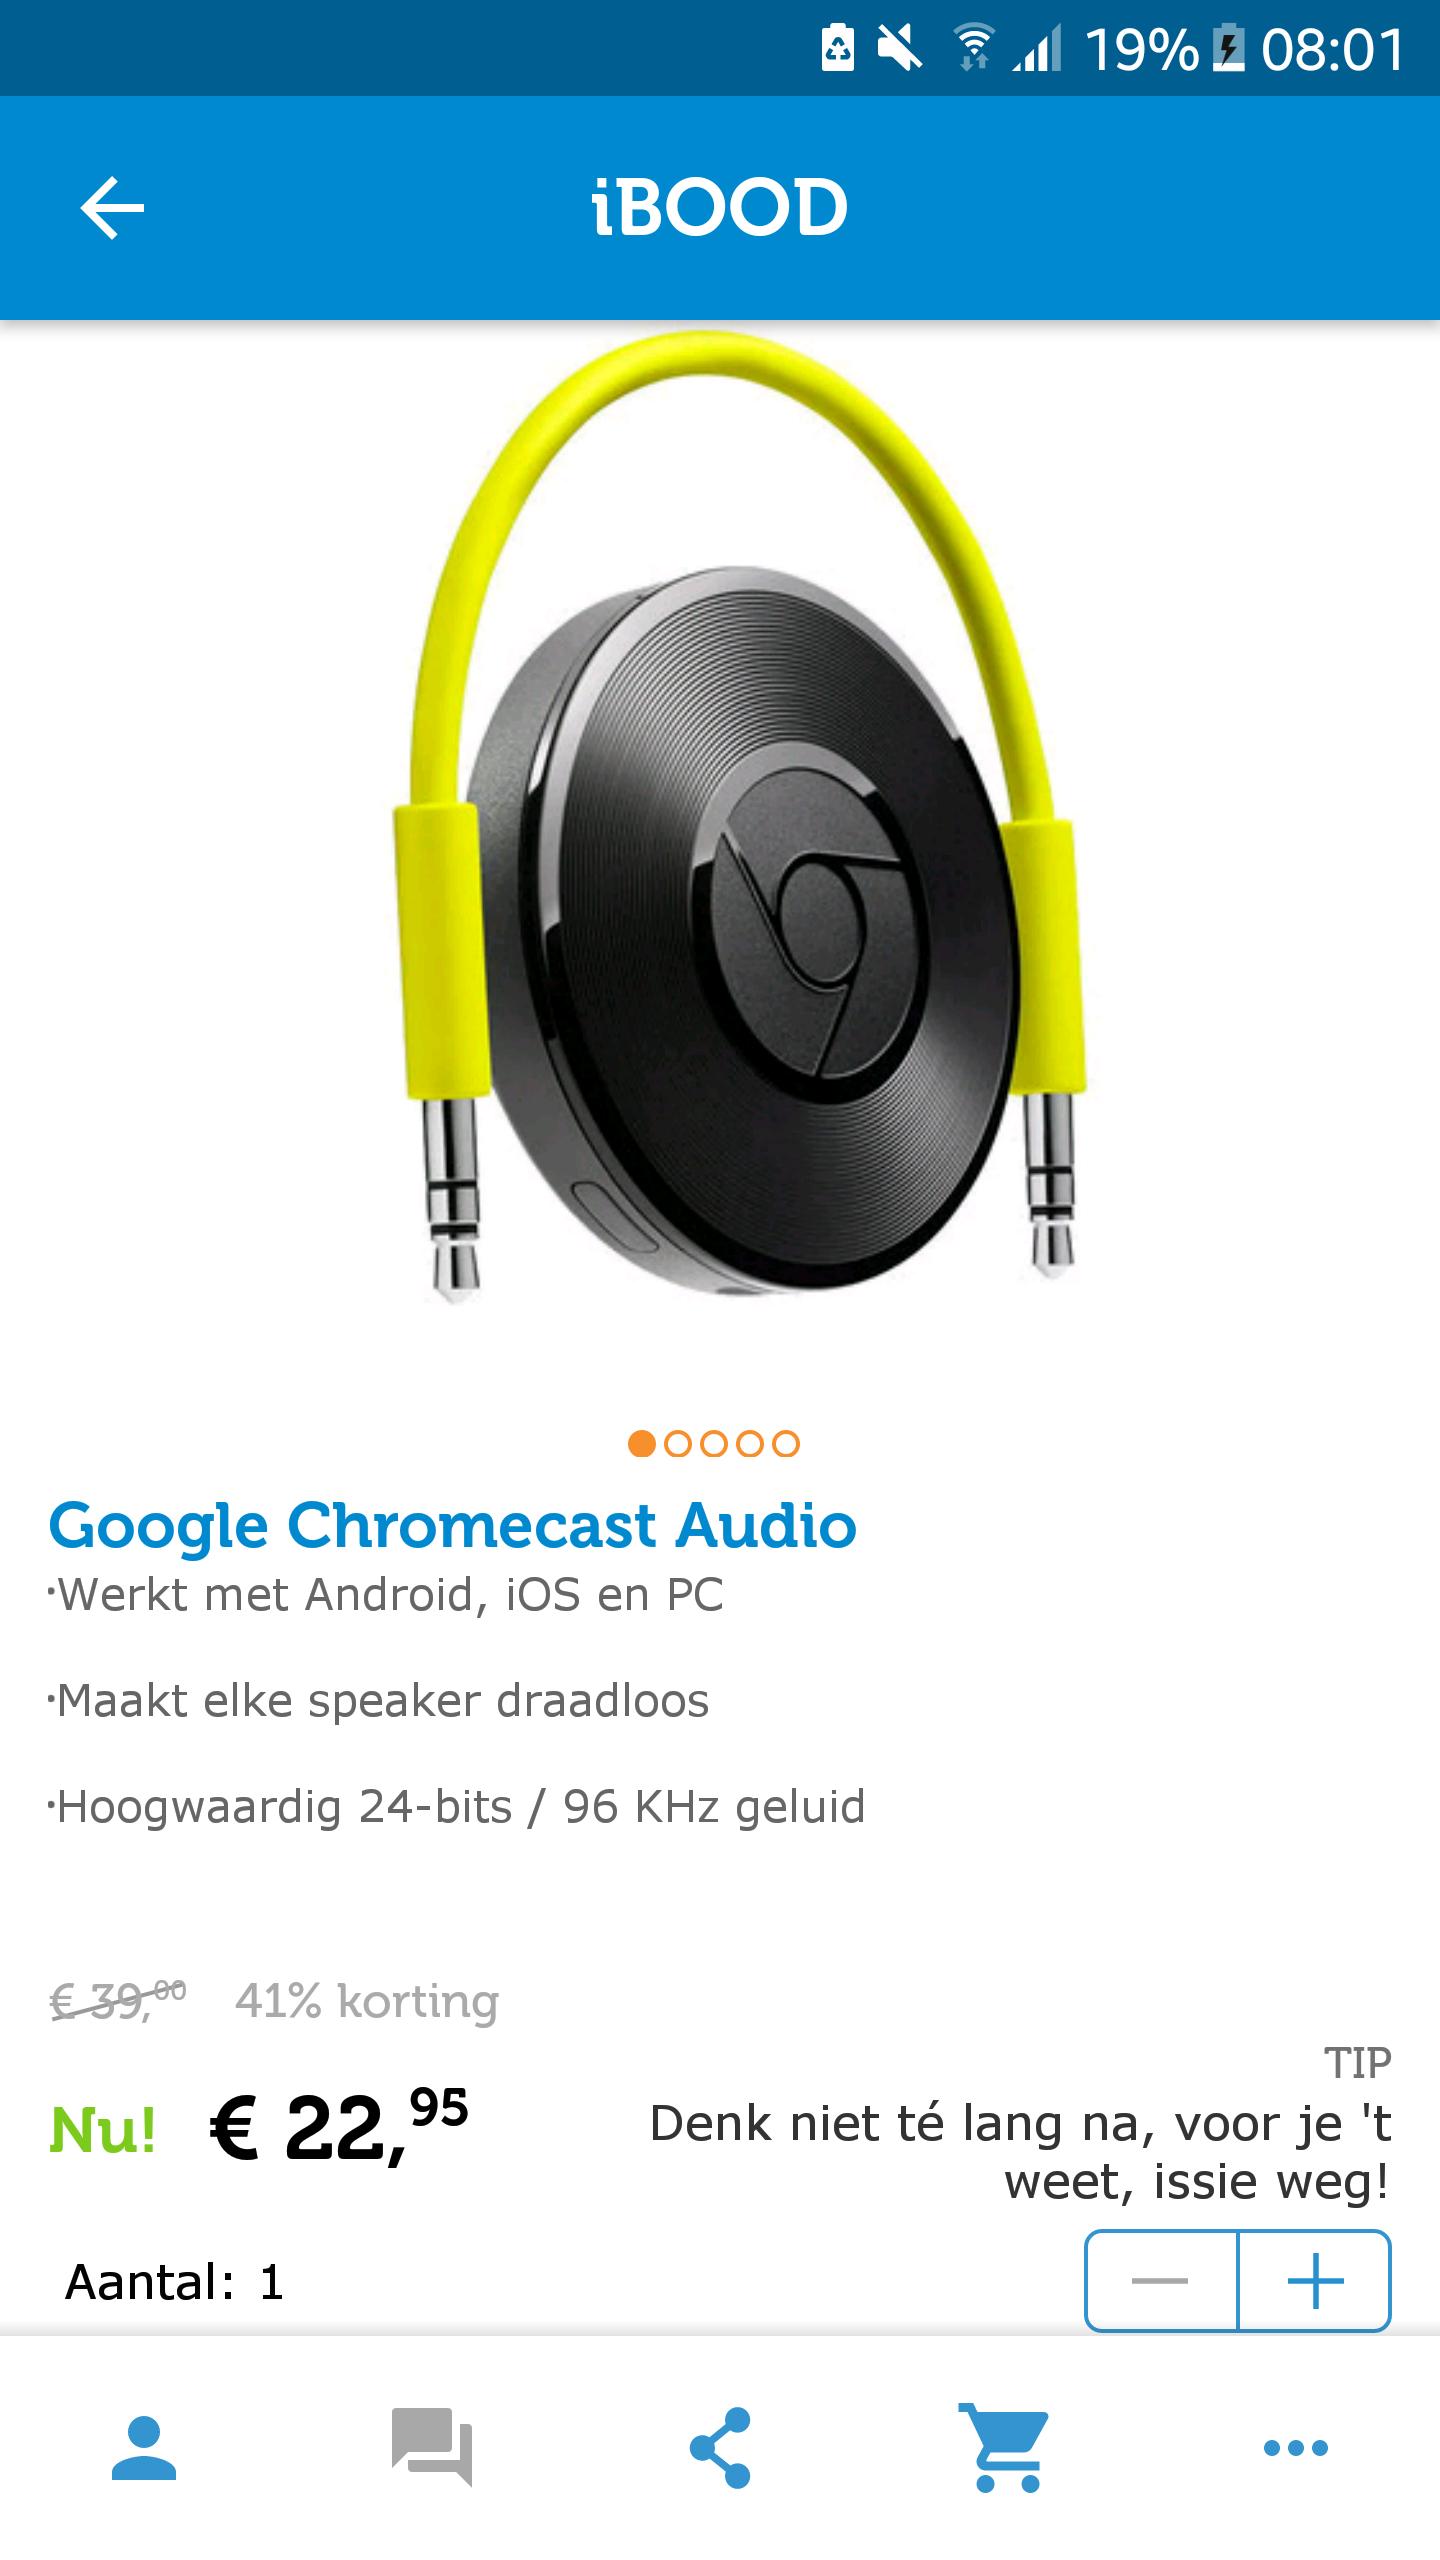 Google chromecast audio voor €28.90 incl verzendkosten.@ ibood